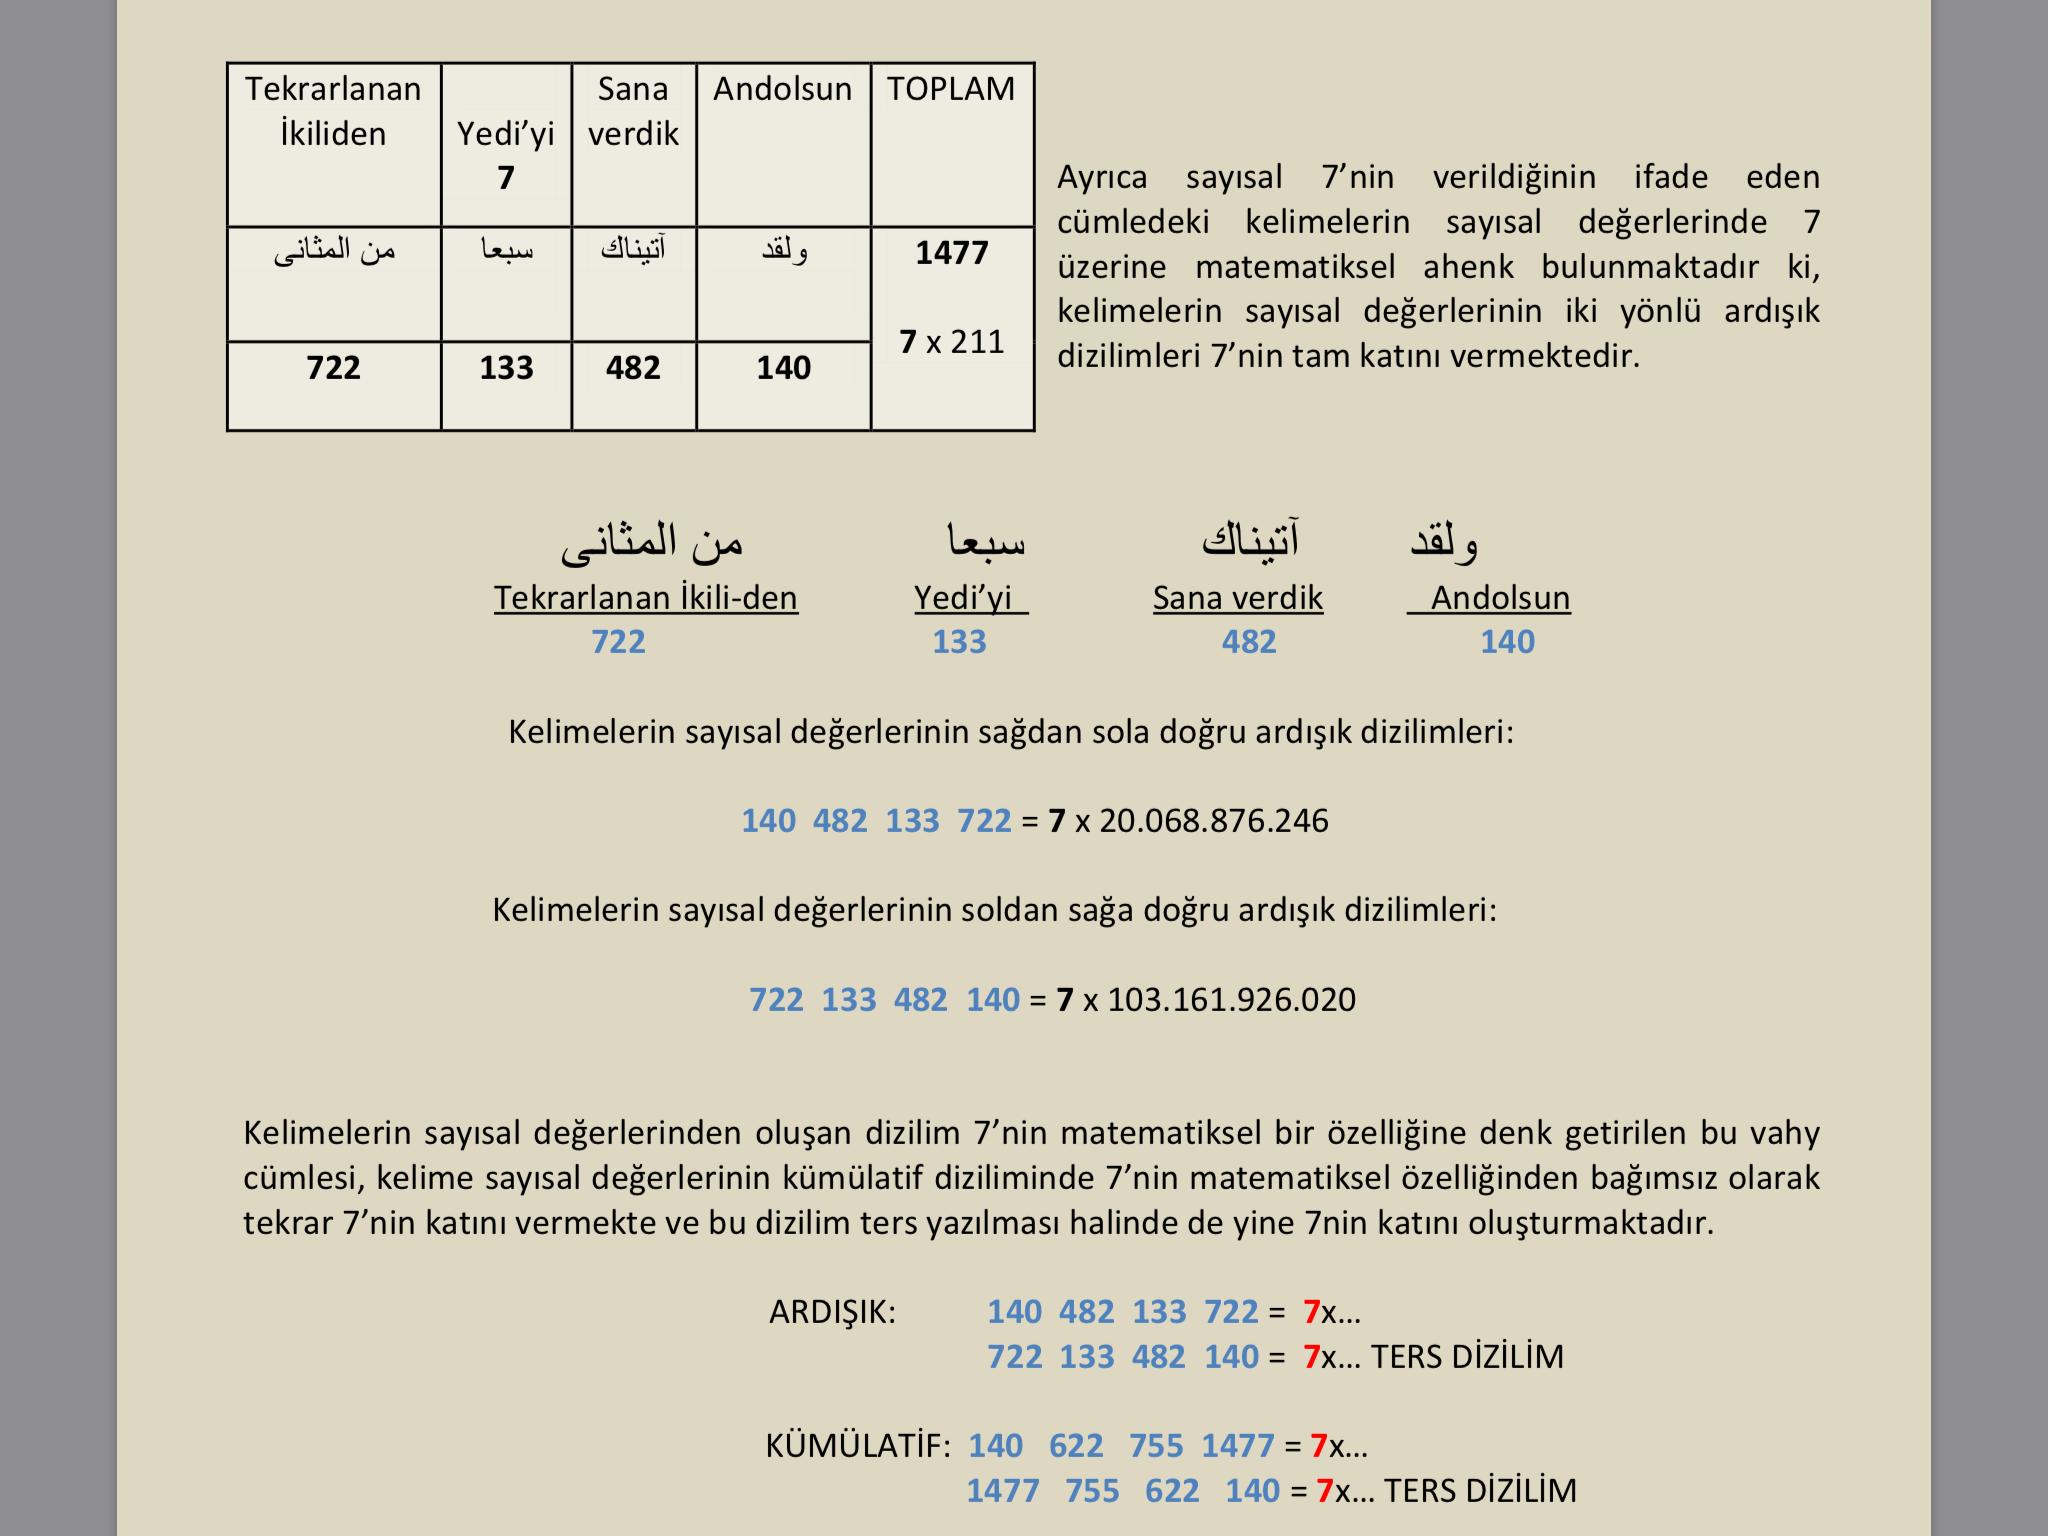 7 sayısına ait kodlamayı bildiren ayetin incelenmesi